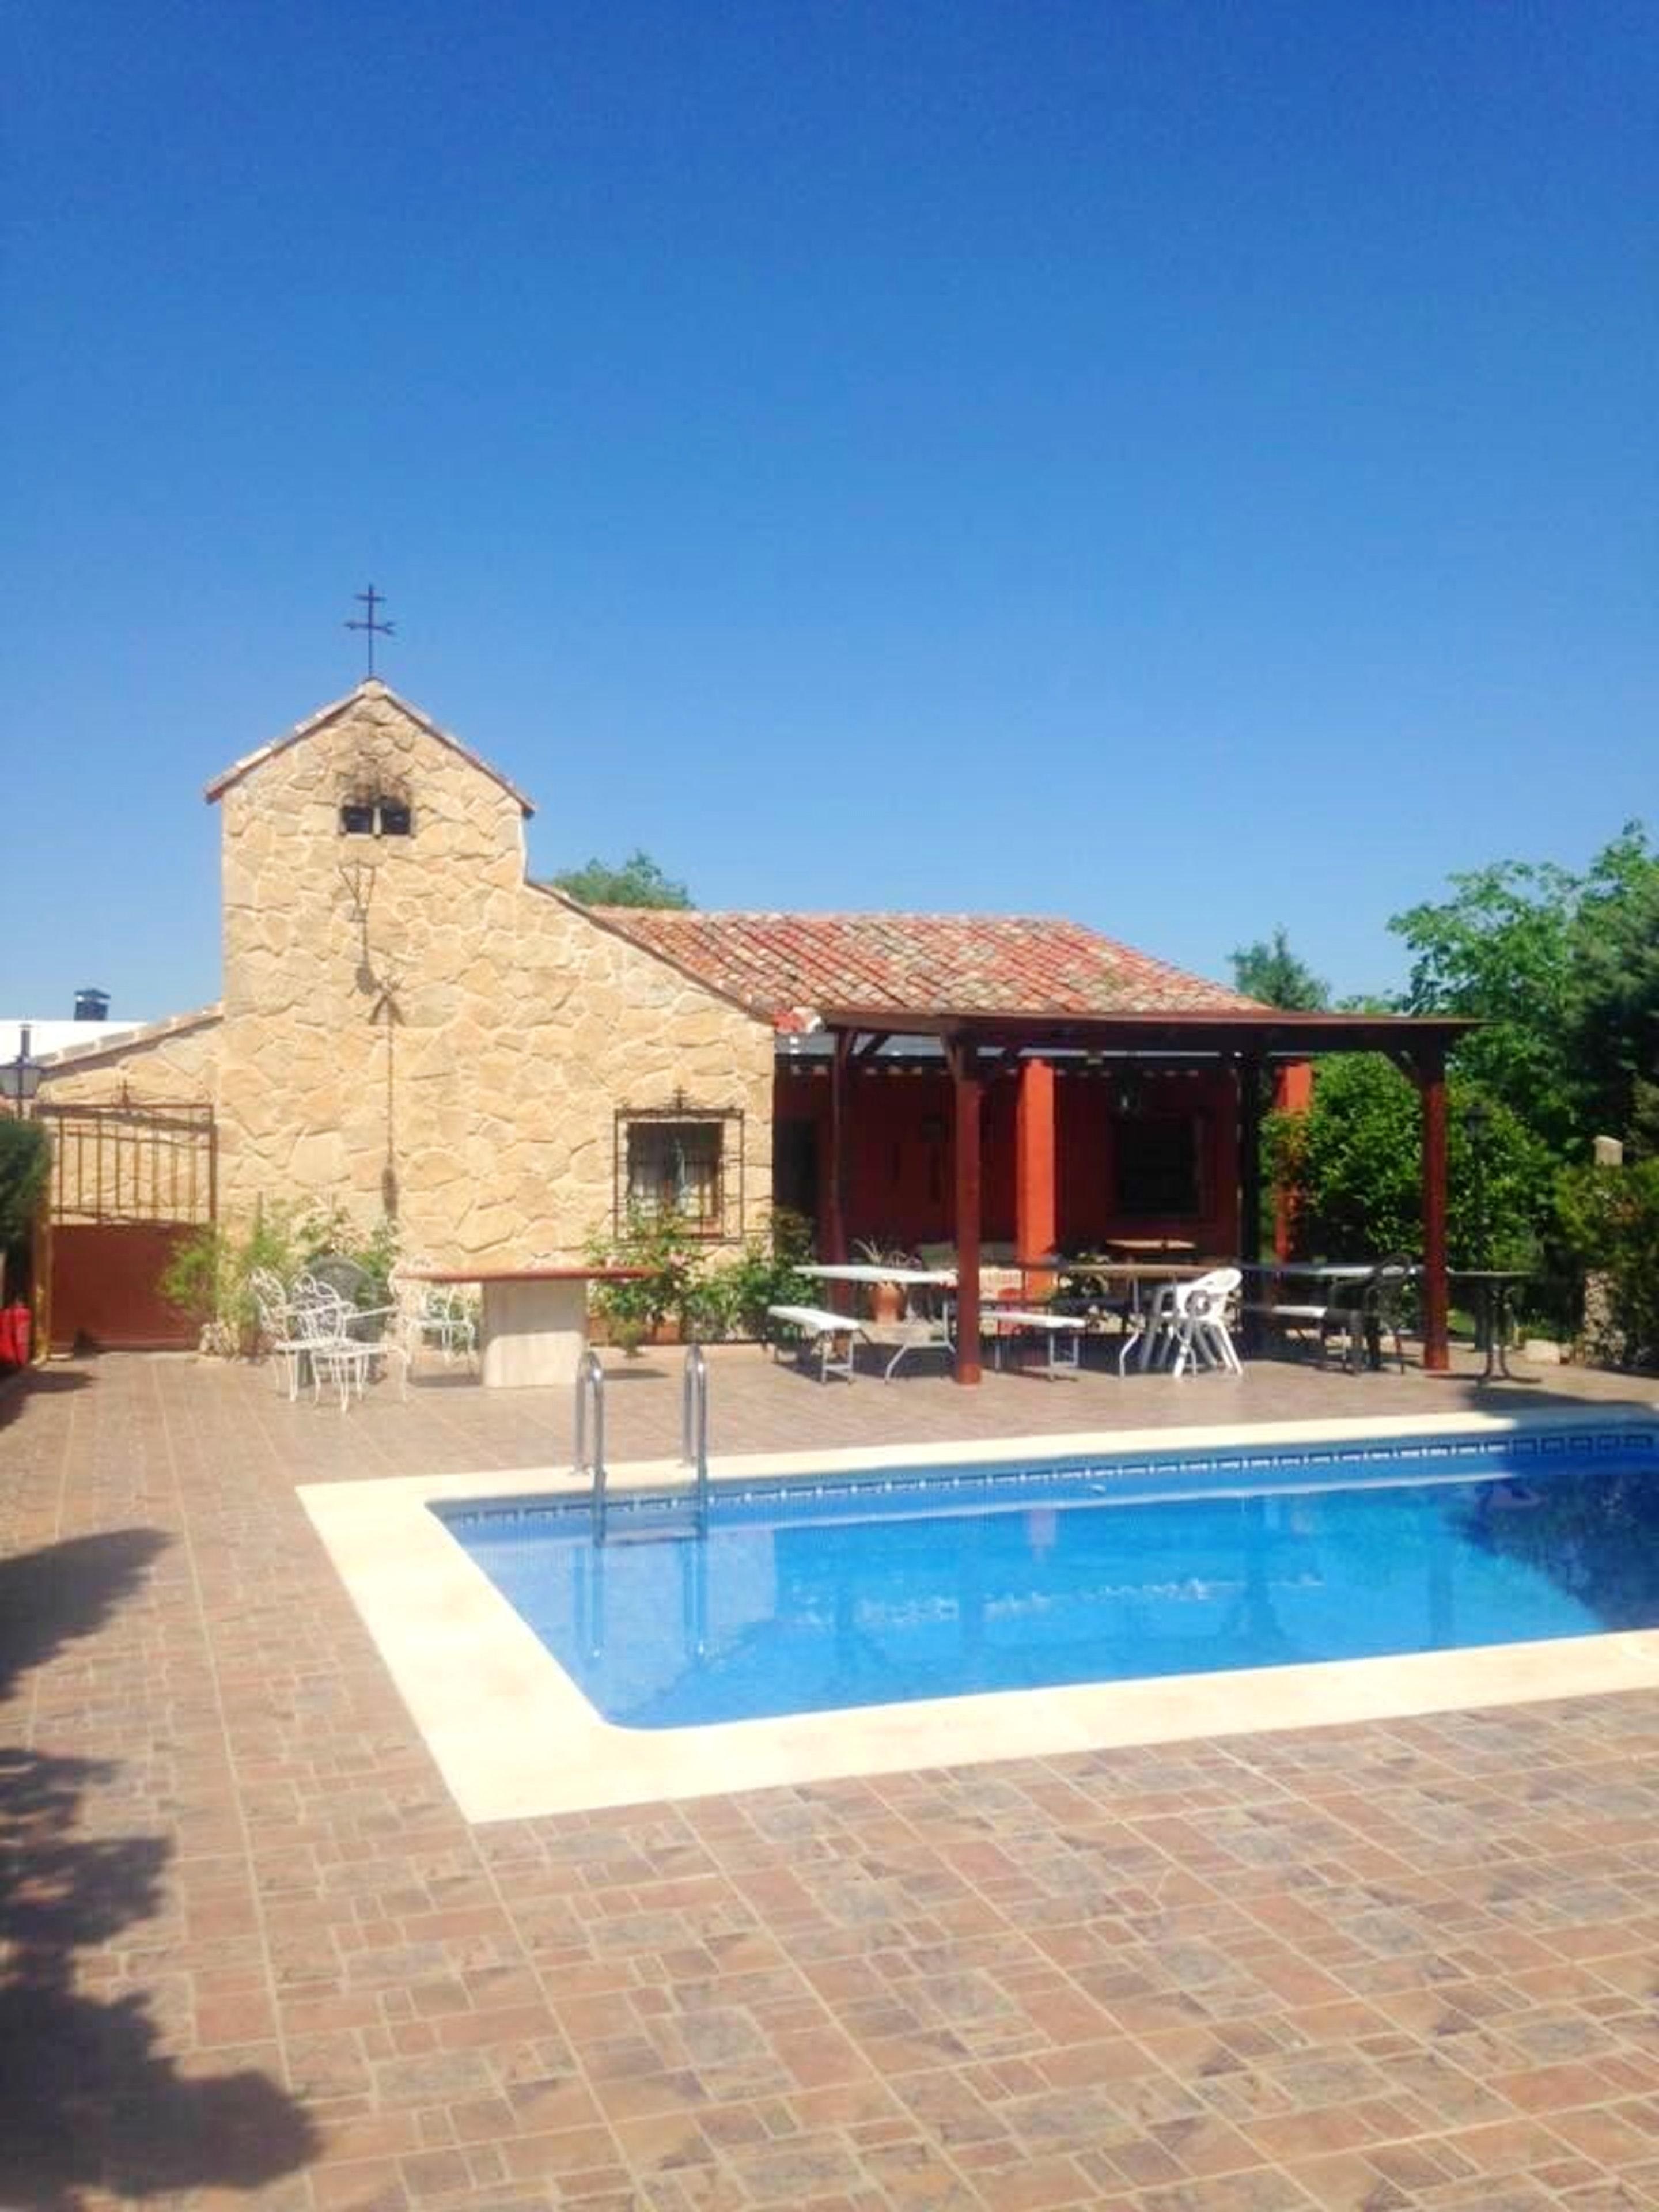 Ferienhaus Haus mit 7 Schlafzimmern in Burguillos de Toledo mit privatem Pool und eingezäuntem Garten (2299203), Burguillos de Toledo, Toledo, Kastilien-La Mancha, Spanien, Bild 29